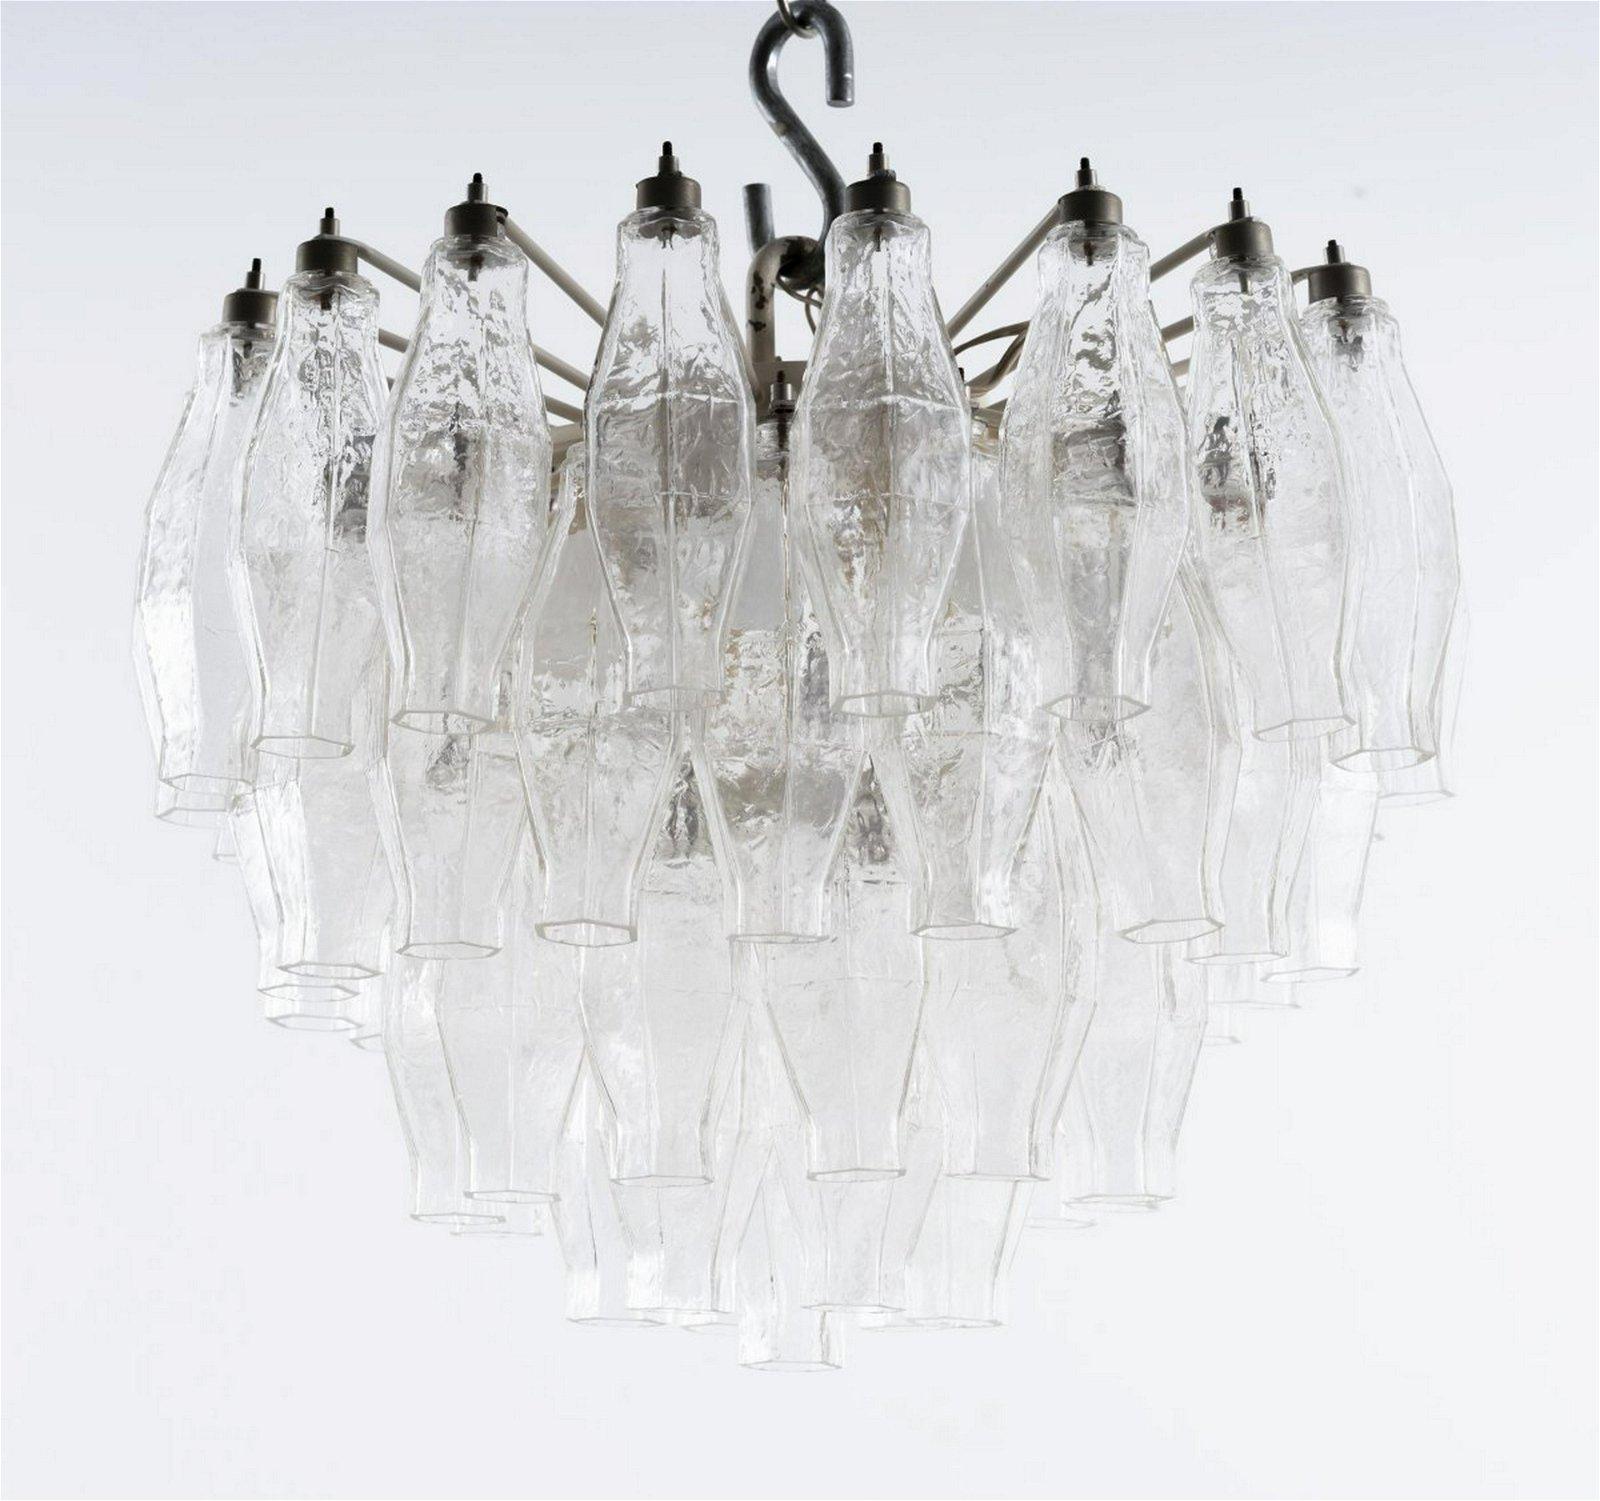 Paolo Venini, 'Poliedrica' ceiling light, c. 1958